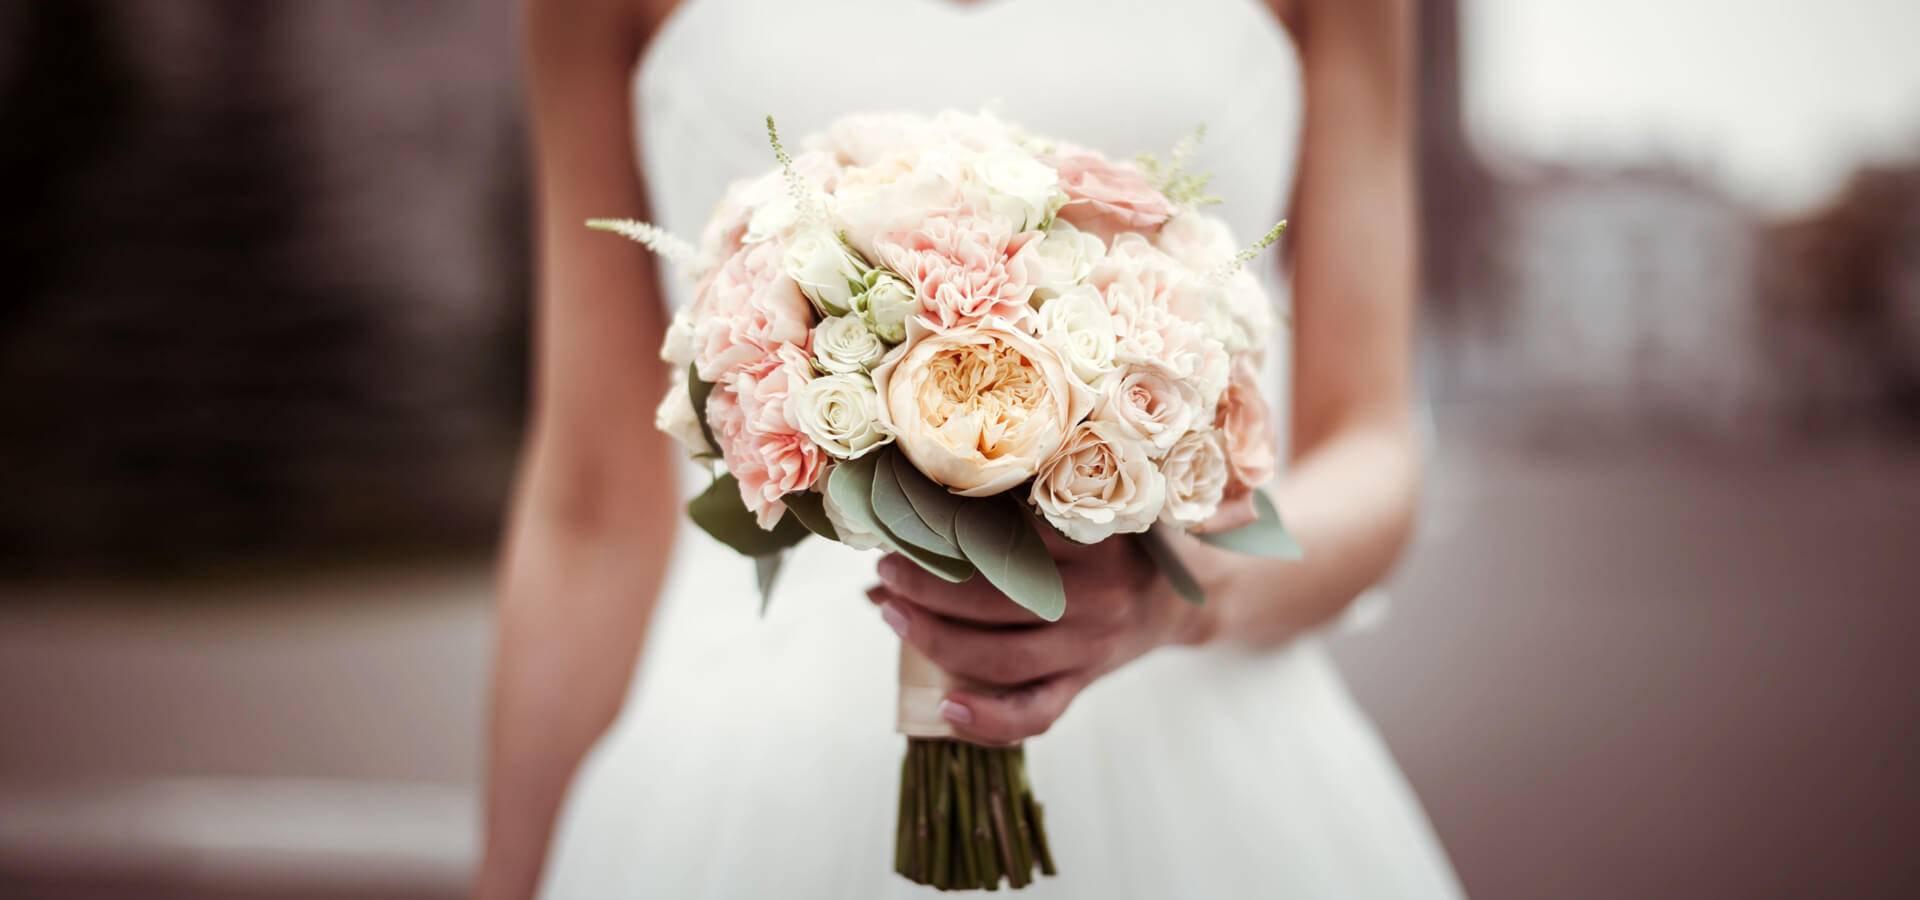 Варианты оформления свадьбы в синем цвете: все нюансы